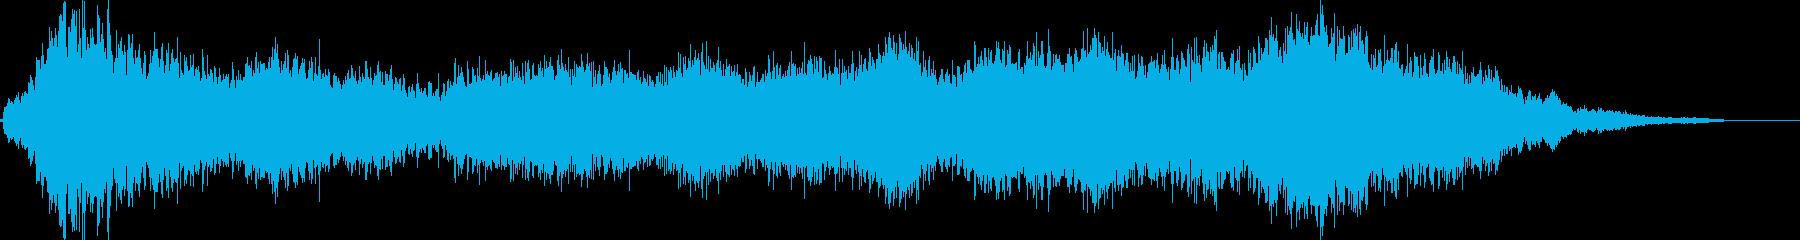 【ホラー】ヨドみを感じさせるBGMの再生済みの波形